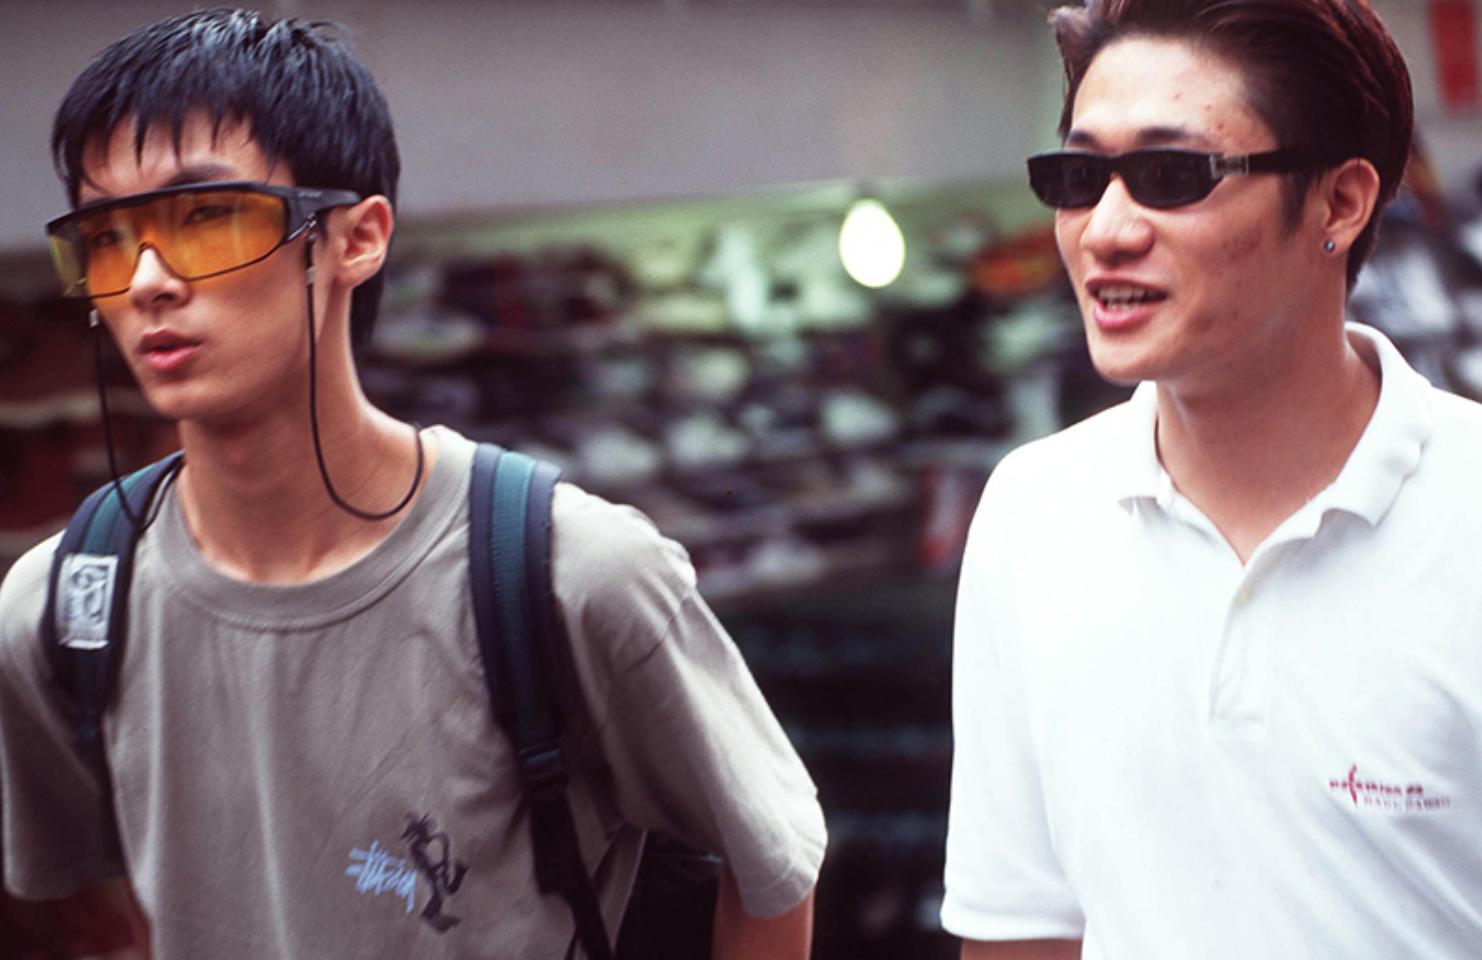 Xem ảnh street style thập niên 90 của Hàn Quốc mới ngớ ra: Thời đó quả là chất chơi! - Ảnh 17.